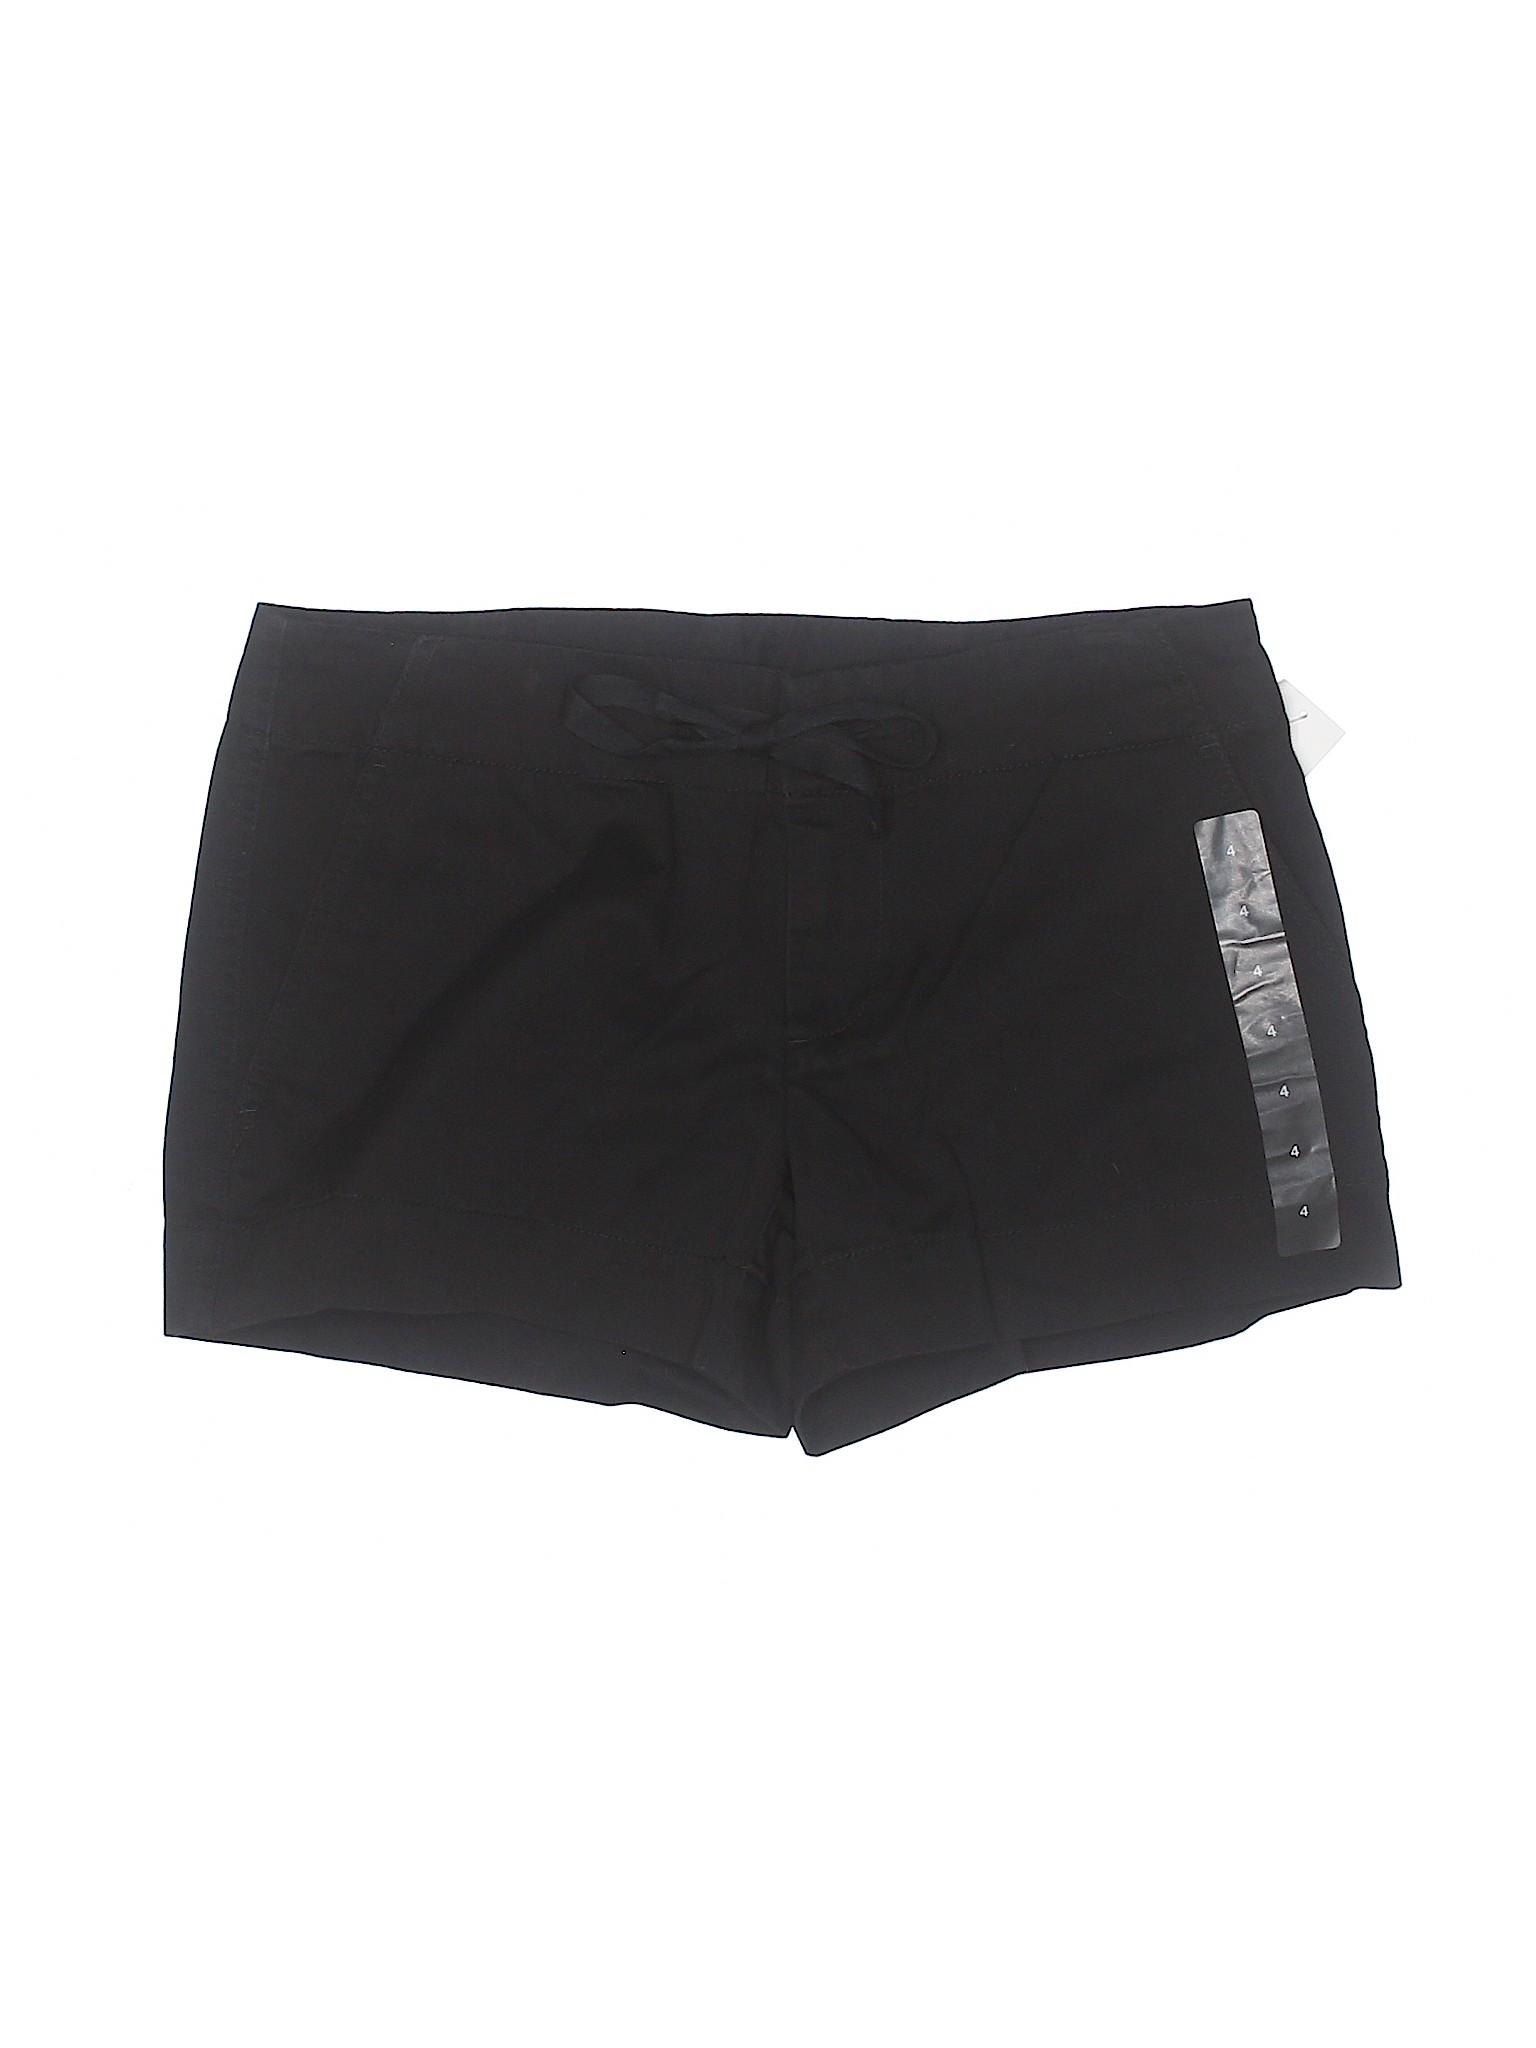 Outlet Gap Gap Boutique Boutique Khaki Khaki Outlet Shorts Boutique Shorts HtOq0Z0